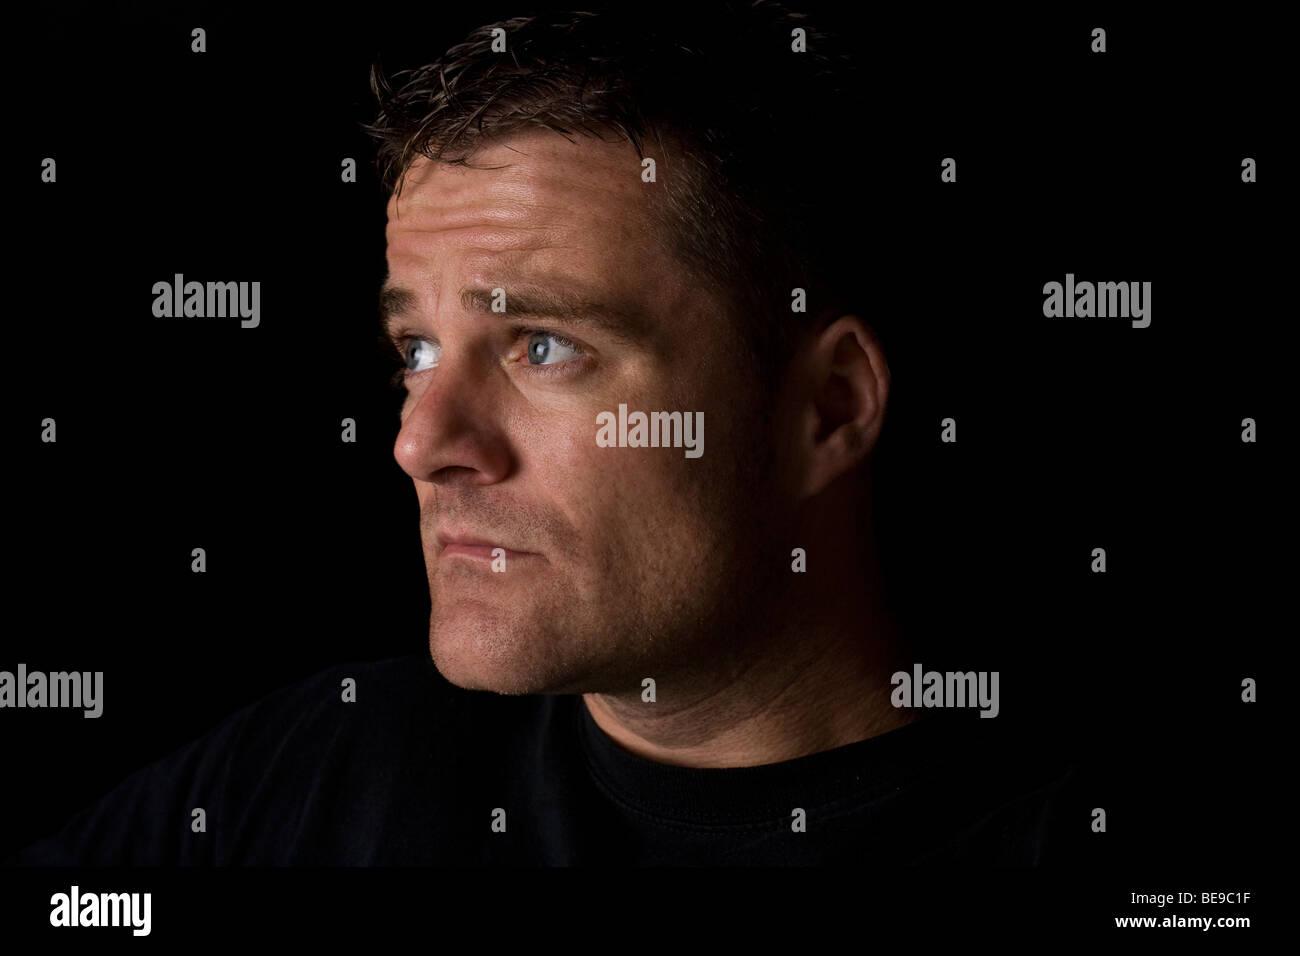 Ein Portrait eines Mannes starrt von der Kamera entfernt Stockbild